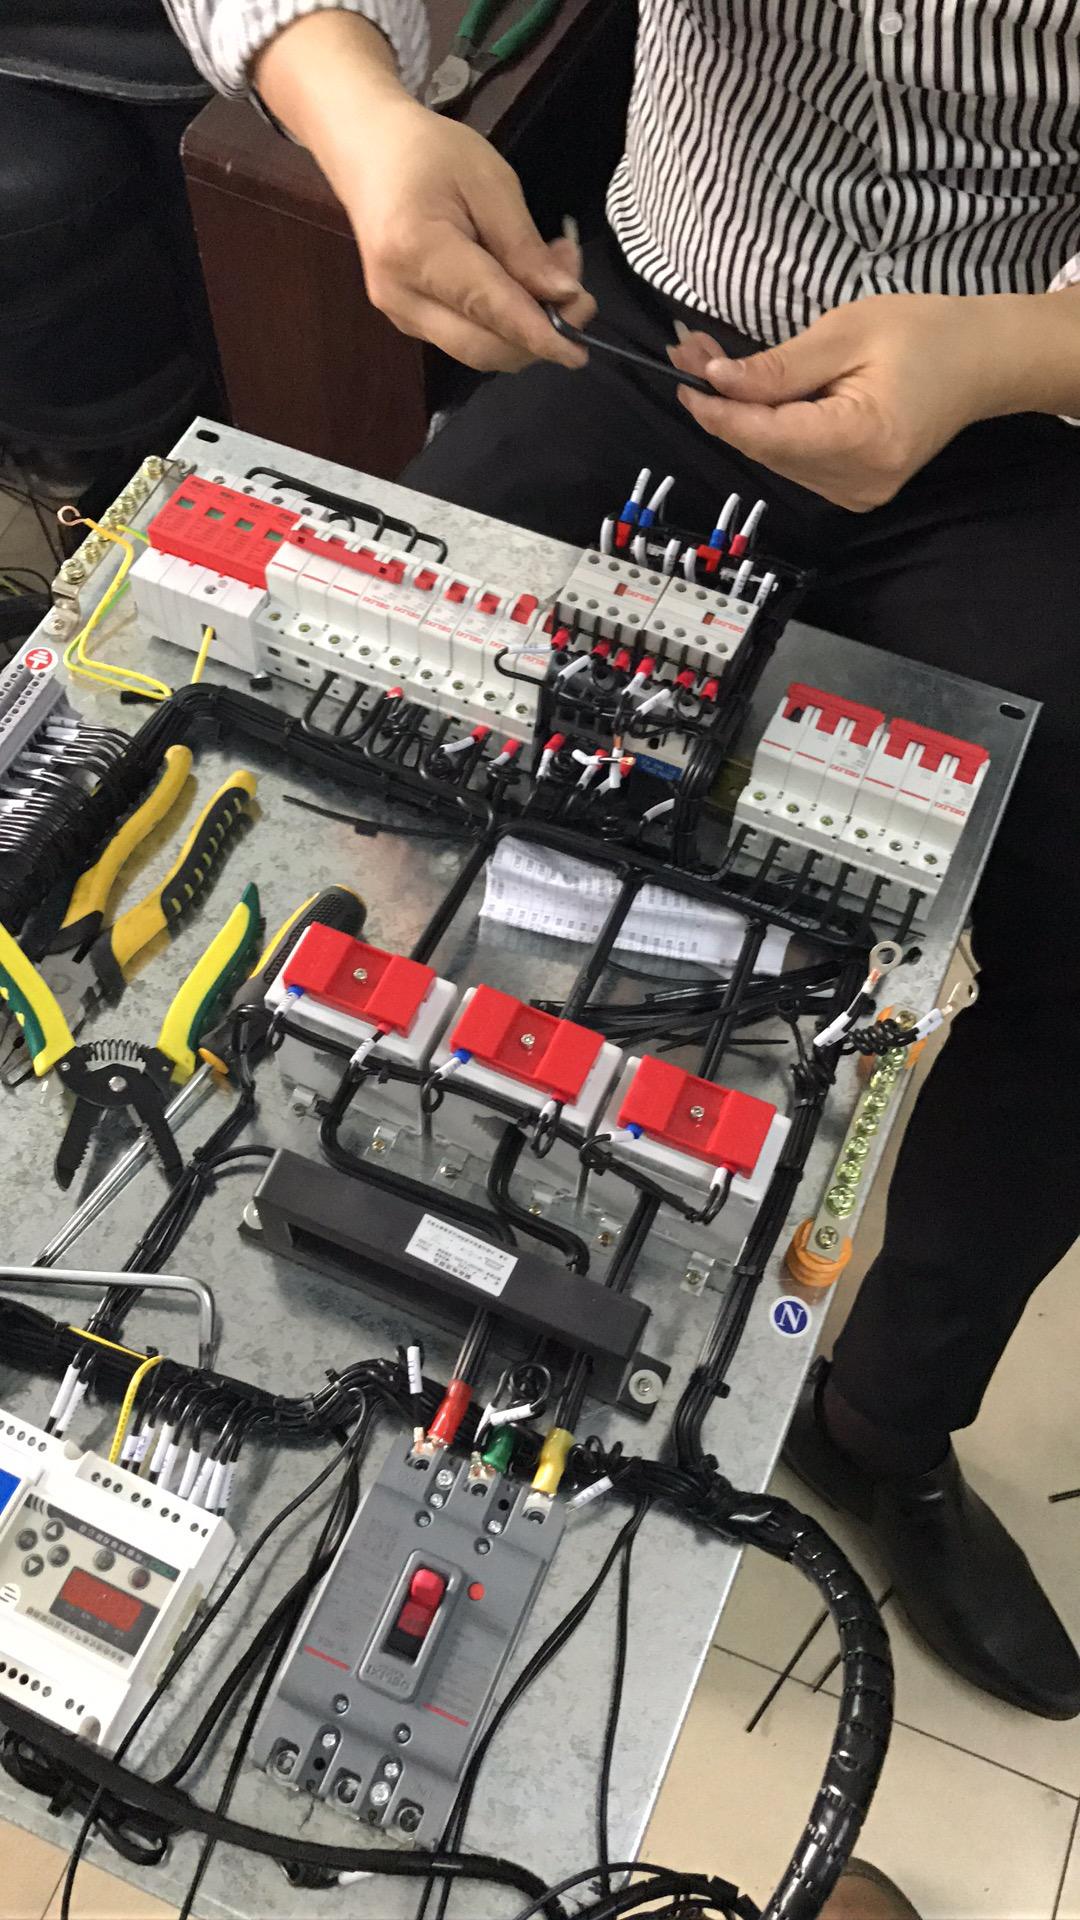 配电柜的构成原理及技术,你学会了吗?